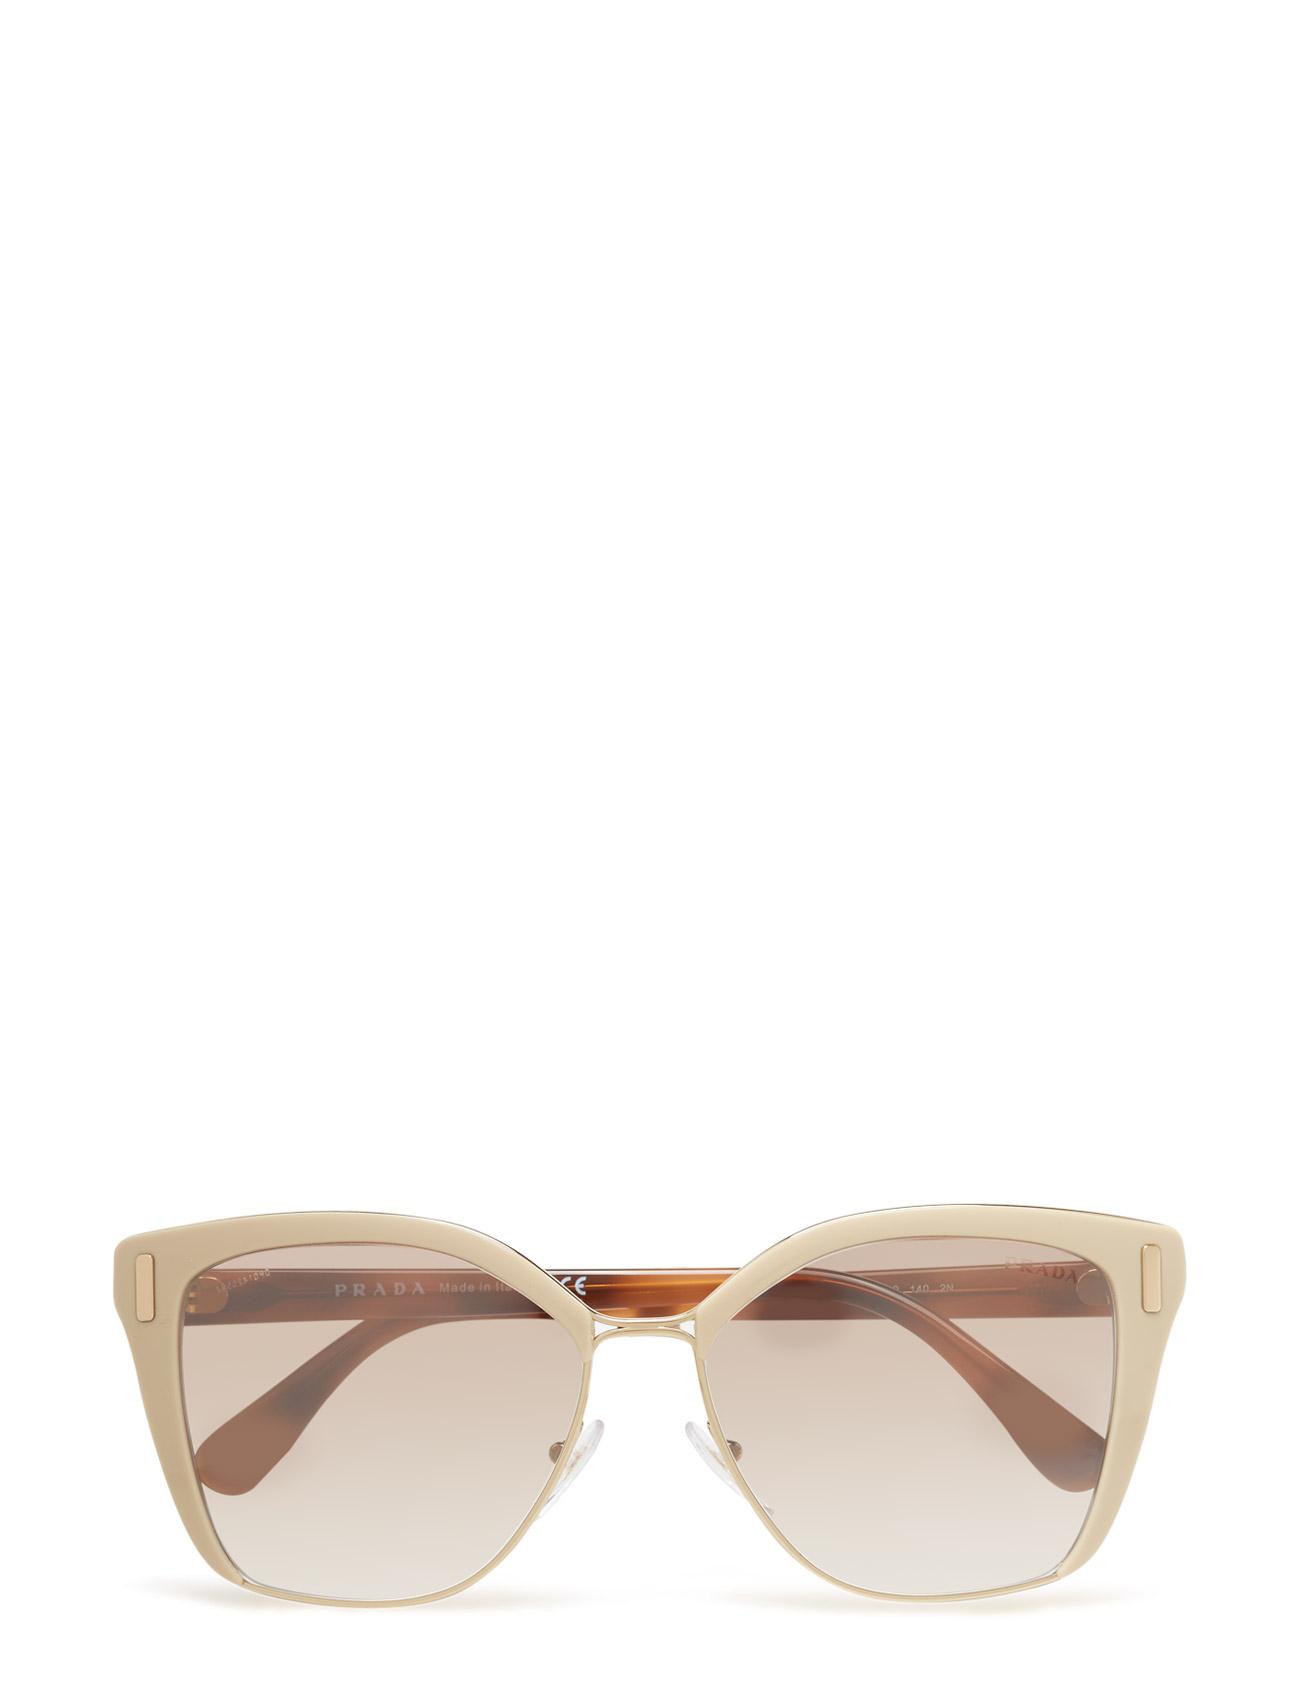 2b20e97bd4ca Shop Square Prada Sunglasses Solbriller i til Kvinder i en webshop ...